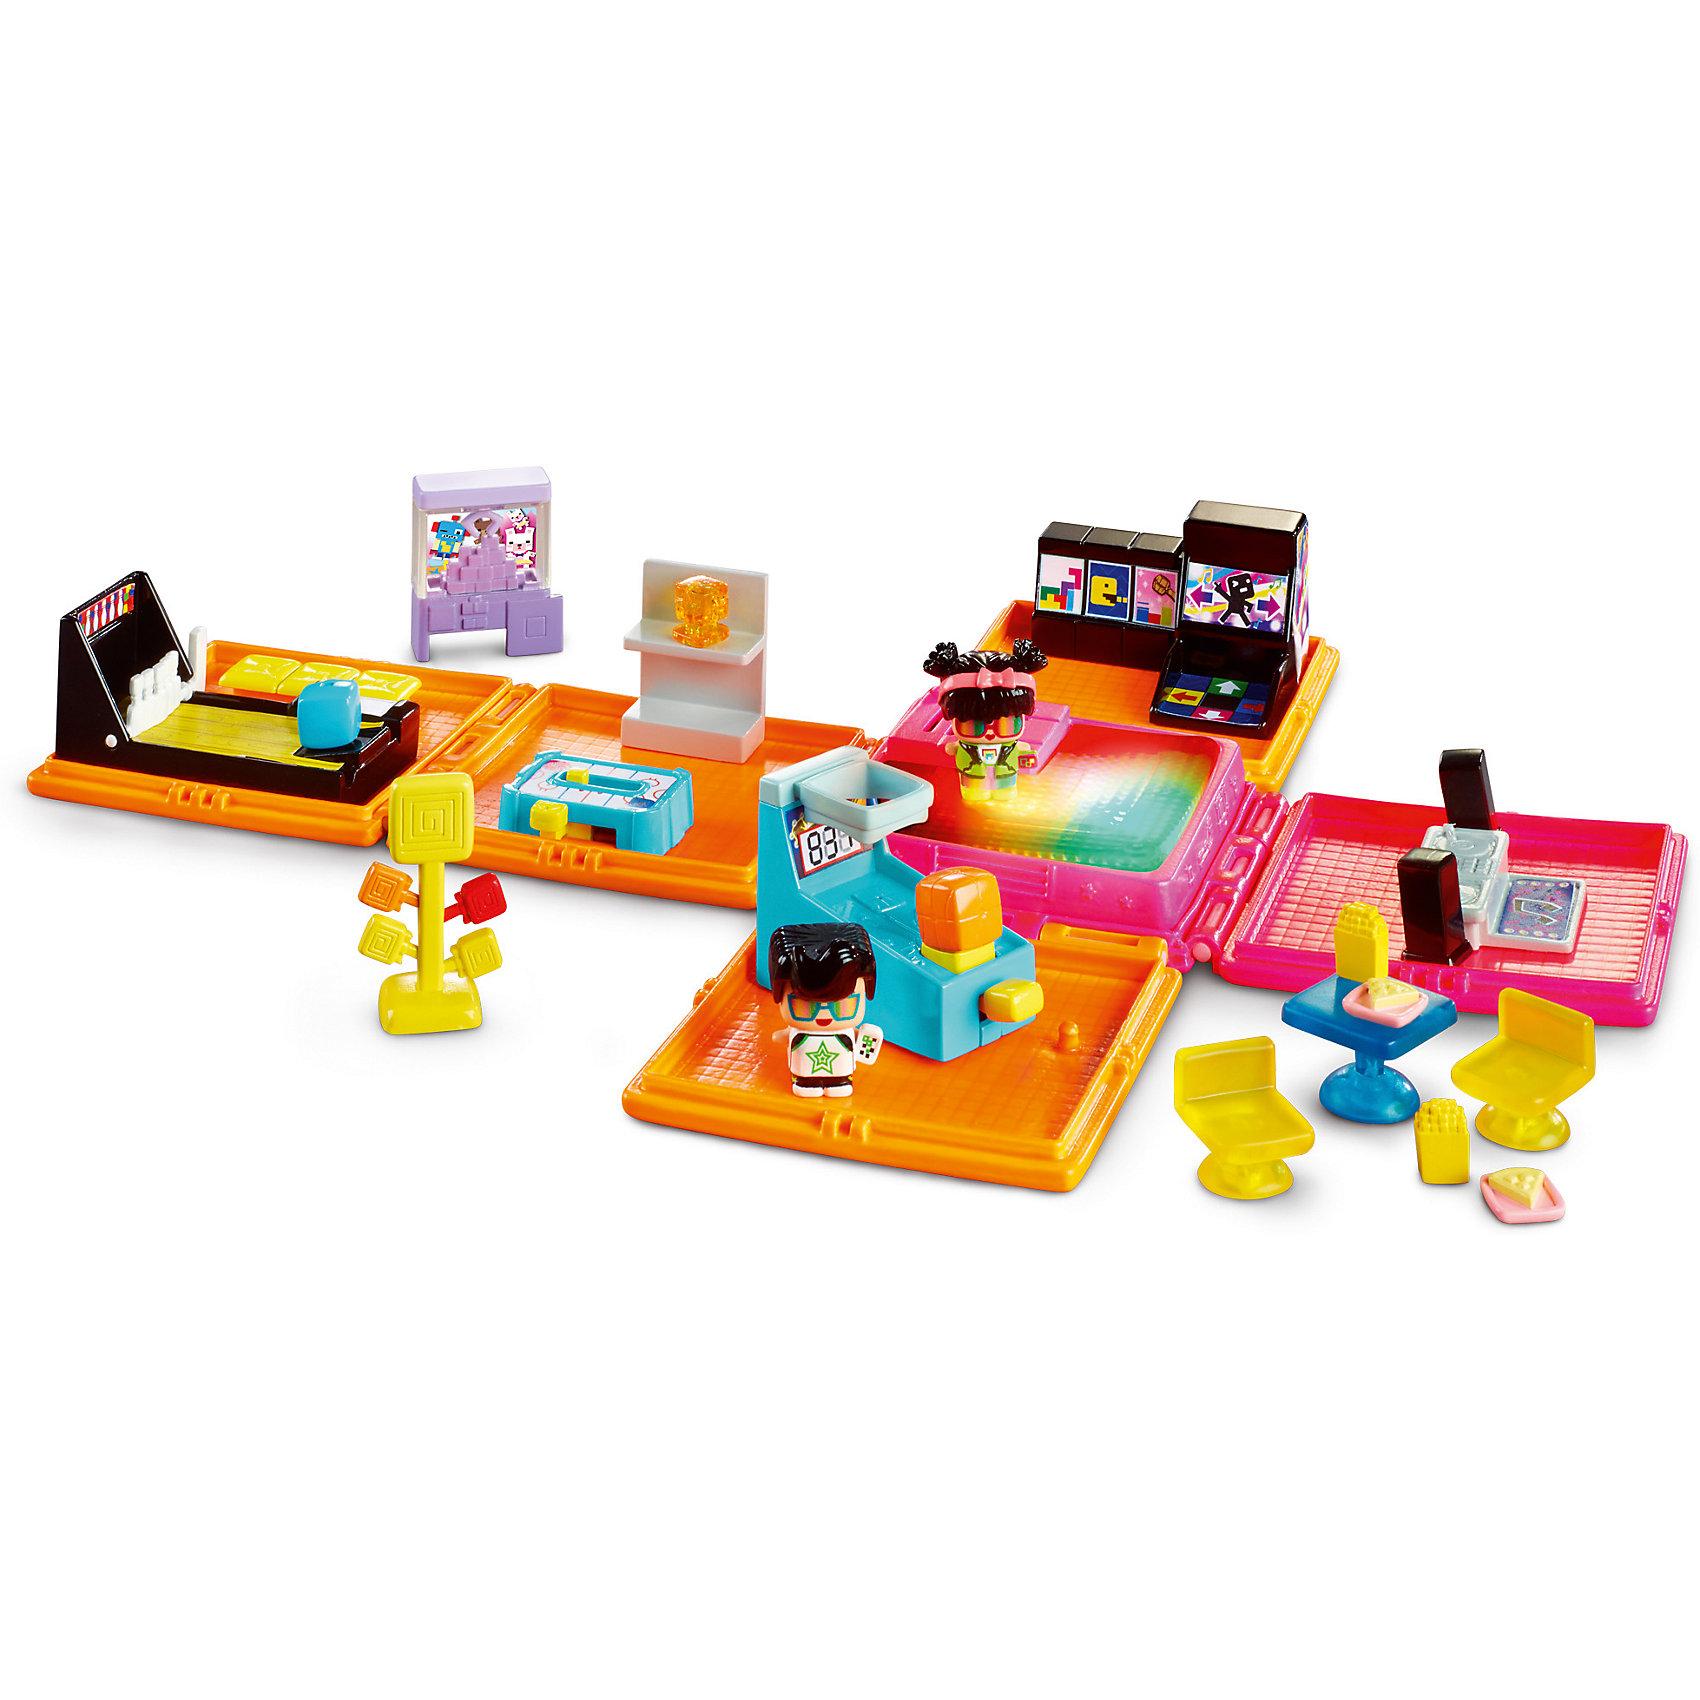 Зал игровых автоматов, My Mini MixieQ'sИгровые наборы фигурок<br>Зал игровых автоматов, My Mini MixieQ's (Май Мини МиксиКьюс) станет отличным подарком как для любителей серии, так для тех, кто еще не знаком  с этими милыми маленькими фигурками. Все фигурки и части складываются в кубик, а для игры кубик раскладывается и превращается в полноценную неоновую аркаду! Разные залы позволят маленькому девочке и мальчику играть в аэрохоккей, танцевальную революцию, пакмена, боулинг, баскетбол или перекусить за маленьким столиком. Танцпол посередине светится и при нажатии будет играть мелодию диджея, звуки боулинга, аэрохоккея или игровых автоматов. Также в комплект входит таинственная фигурка. У всех фигурок снимается и меняется одежда и прическа. Этот набор отлично сочетается с любыми другими наборами My Mini MixieQ's (Май мини миксикьюс). Превосходное качество и отличная детализация набора поможет придумать множество игр и развить воображение.<br>Дополнительная информация:<br>- В набор входит: складной кубик, 3 подвижных детали, набор аксессуаров, 3 фигурки<br>- Материал: пластик <br>- Размер коробки: 22 * 33 * 29 см.<br>- Элементы питания: в комплекте <br><br>Зал игровых автоматов, My Mini MixieQ's (Май Мини МиксиКьюс), можно купить в нашем магазине.<br><br>Ширина мм: 50<br>Глубина мм: 305<br>Высота мм: 305<br>Вес г: 393<br>Возраст от месяцев: 48<br>Возраст до месяцев: 120<br>Пол: Женский<br>Возраст: Детский<br>SKU: 5032902